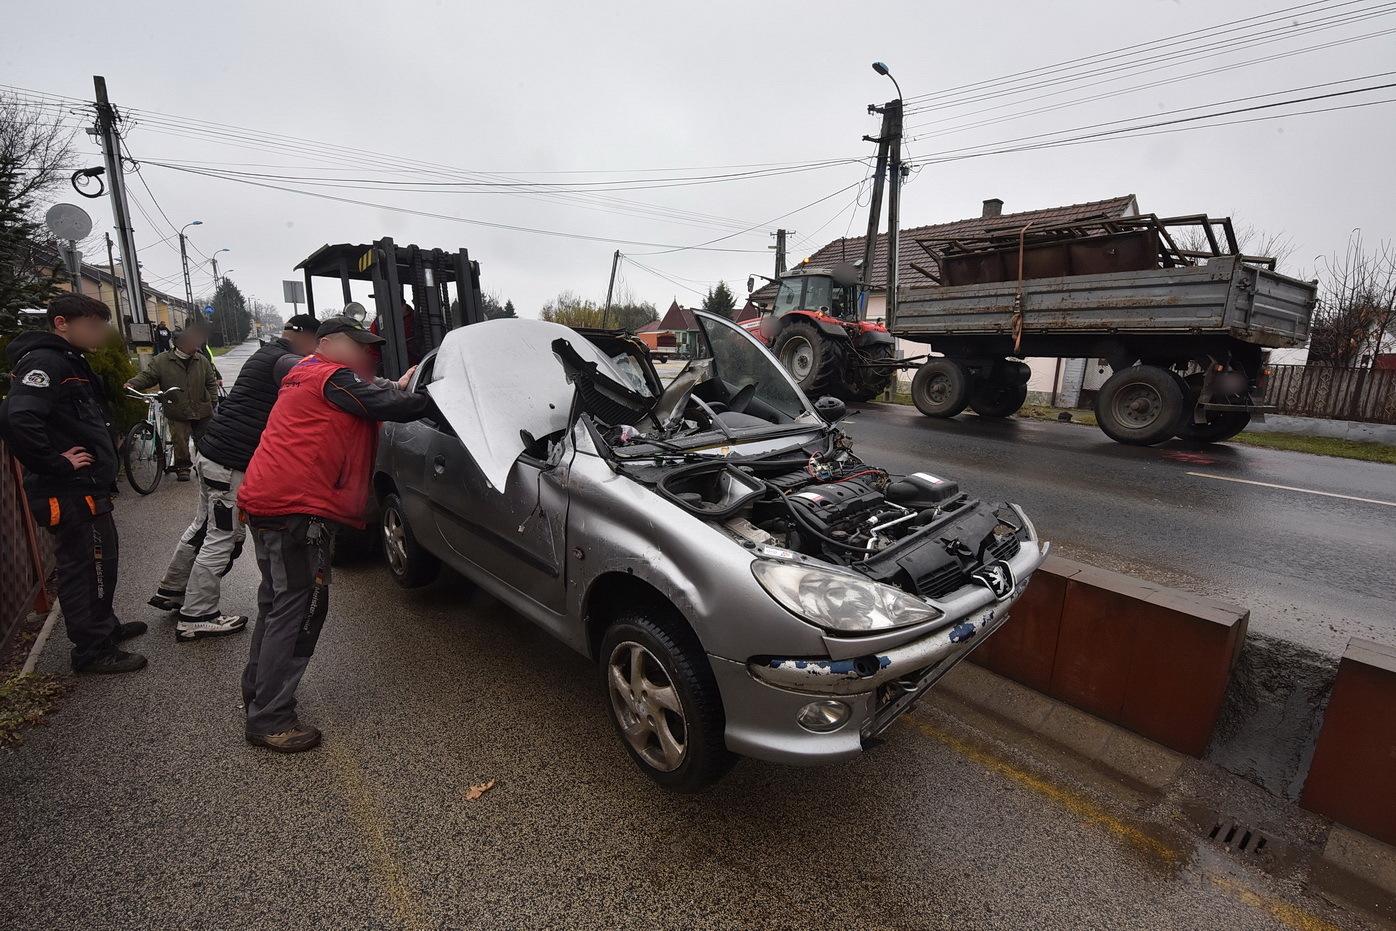 Traktor és Peugeot ütközött Körmenden - ketten megsérültek a 8-as főúton